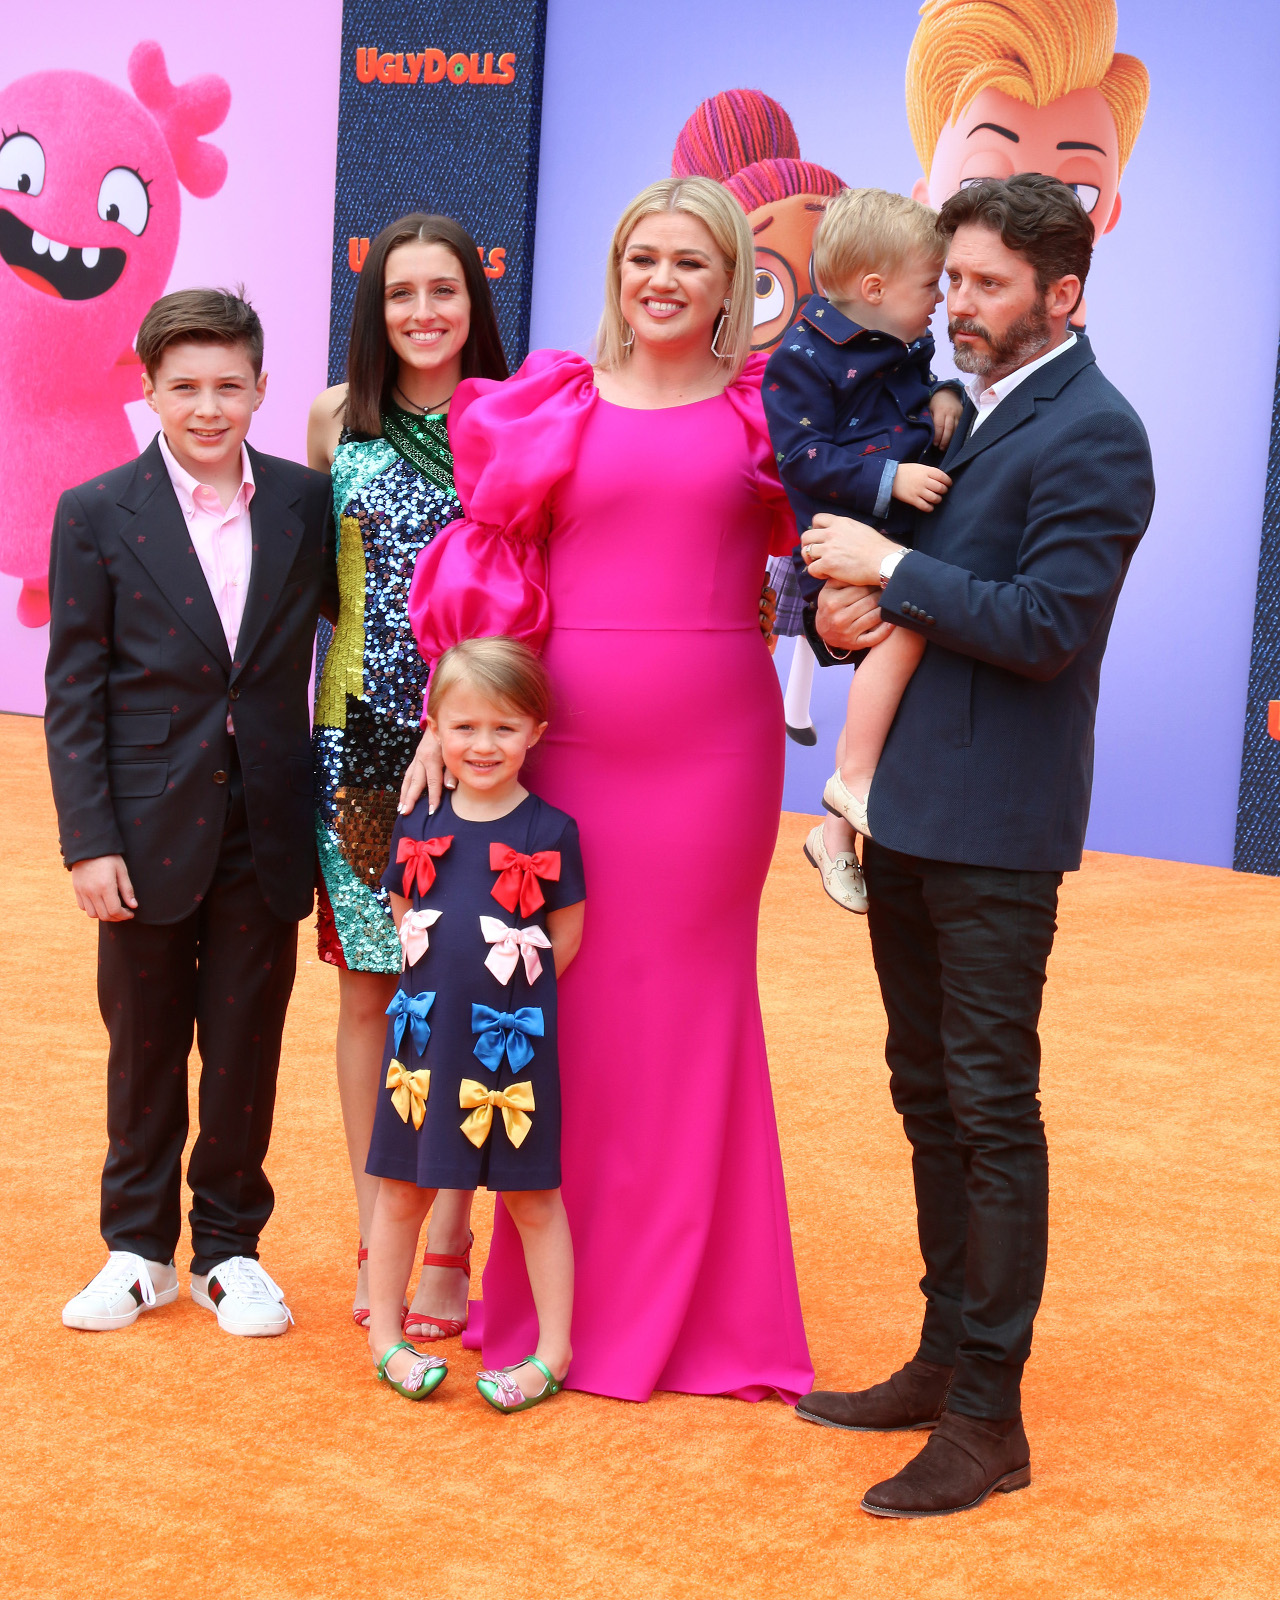 Kelly Clarkson z rodziną na ściance.